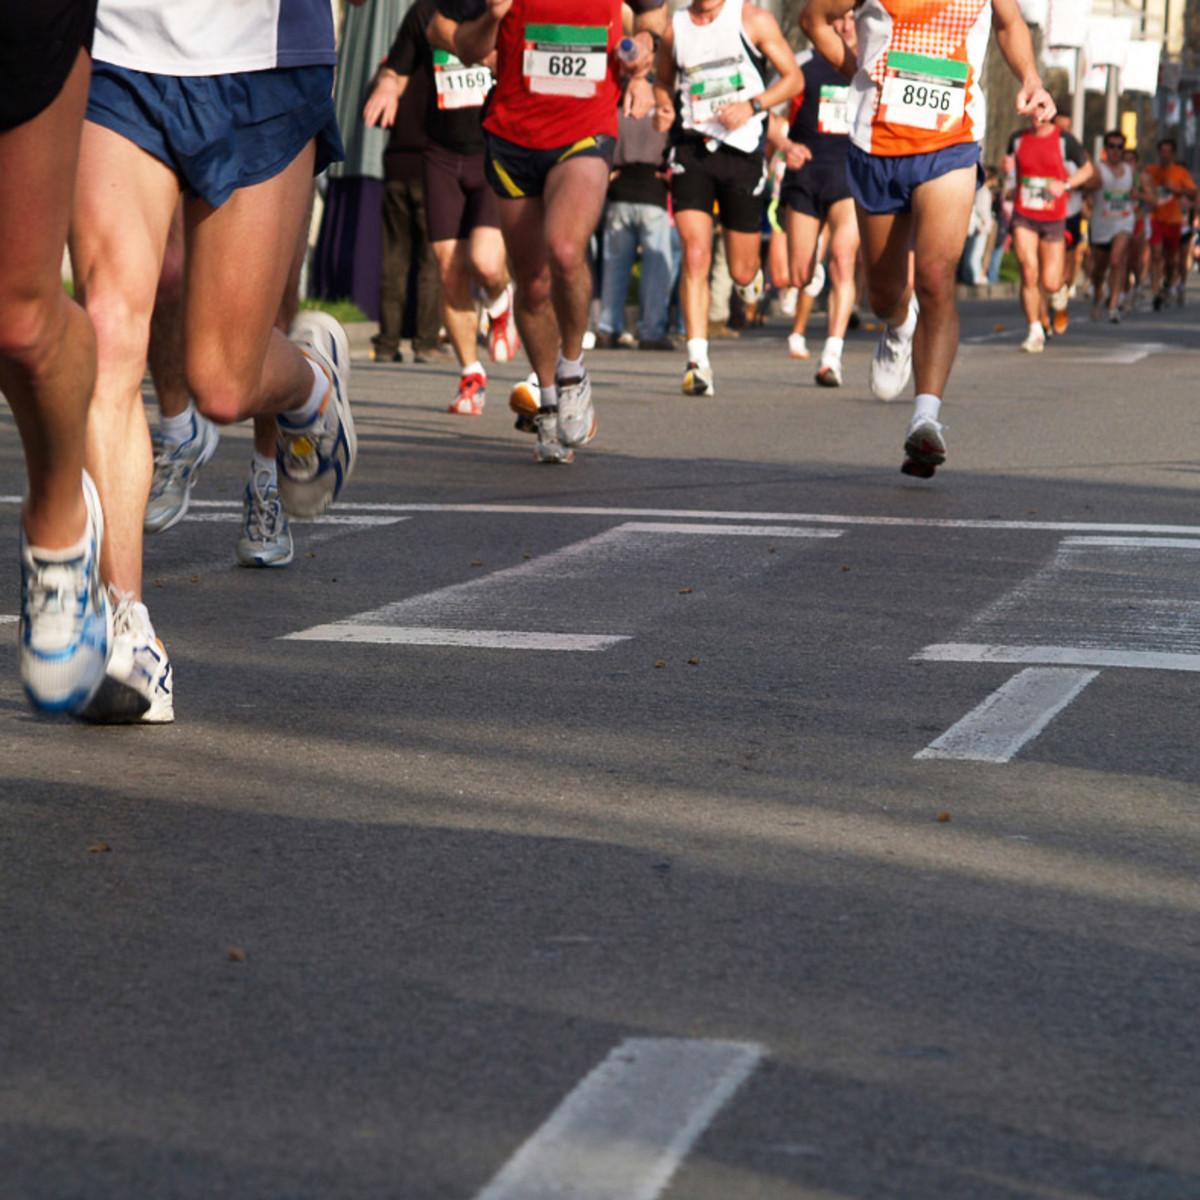 News_Runners_marathon_tennis shoes_street